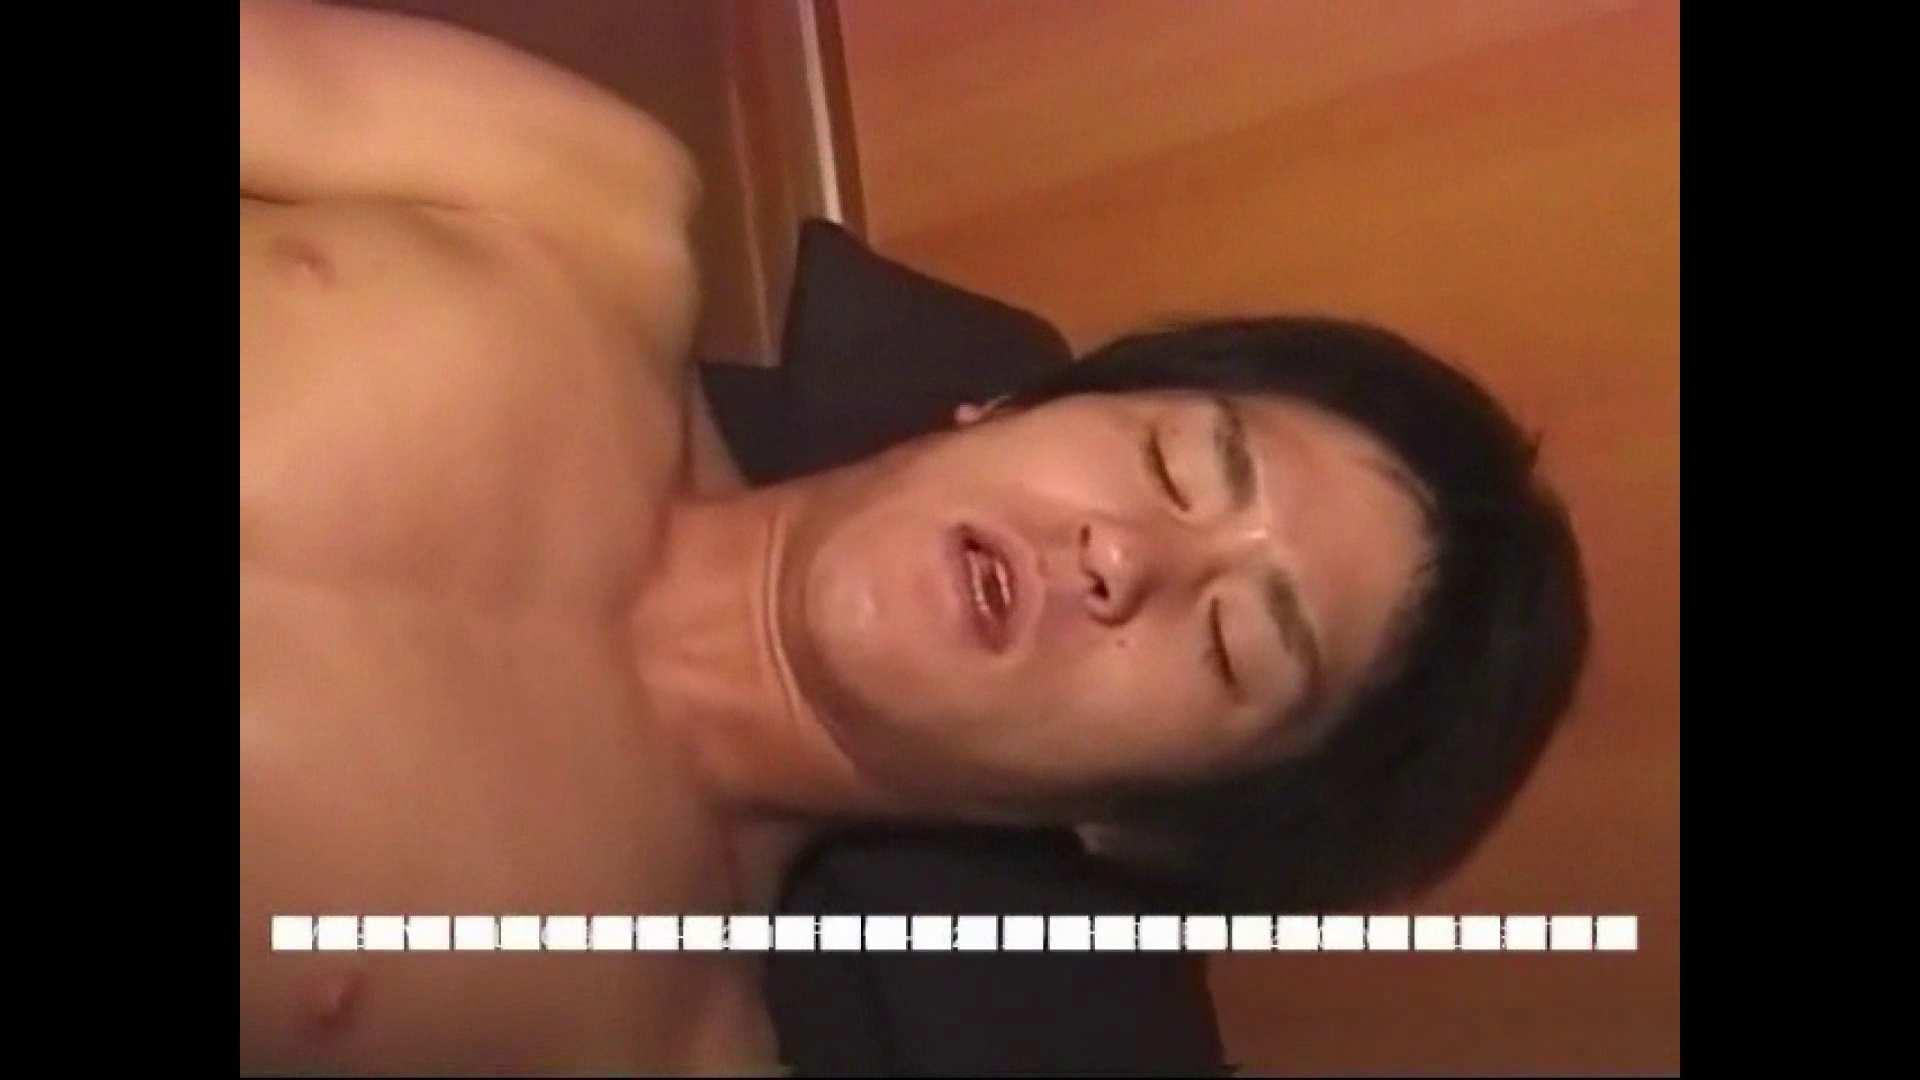 オナれ!集まれ!イケてるメンズ達!!File.04 スジ筋系男子 男同士画像 111枚 8